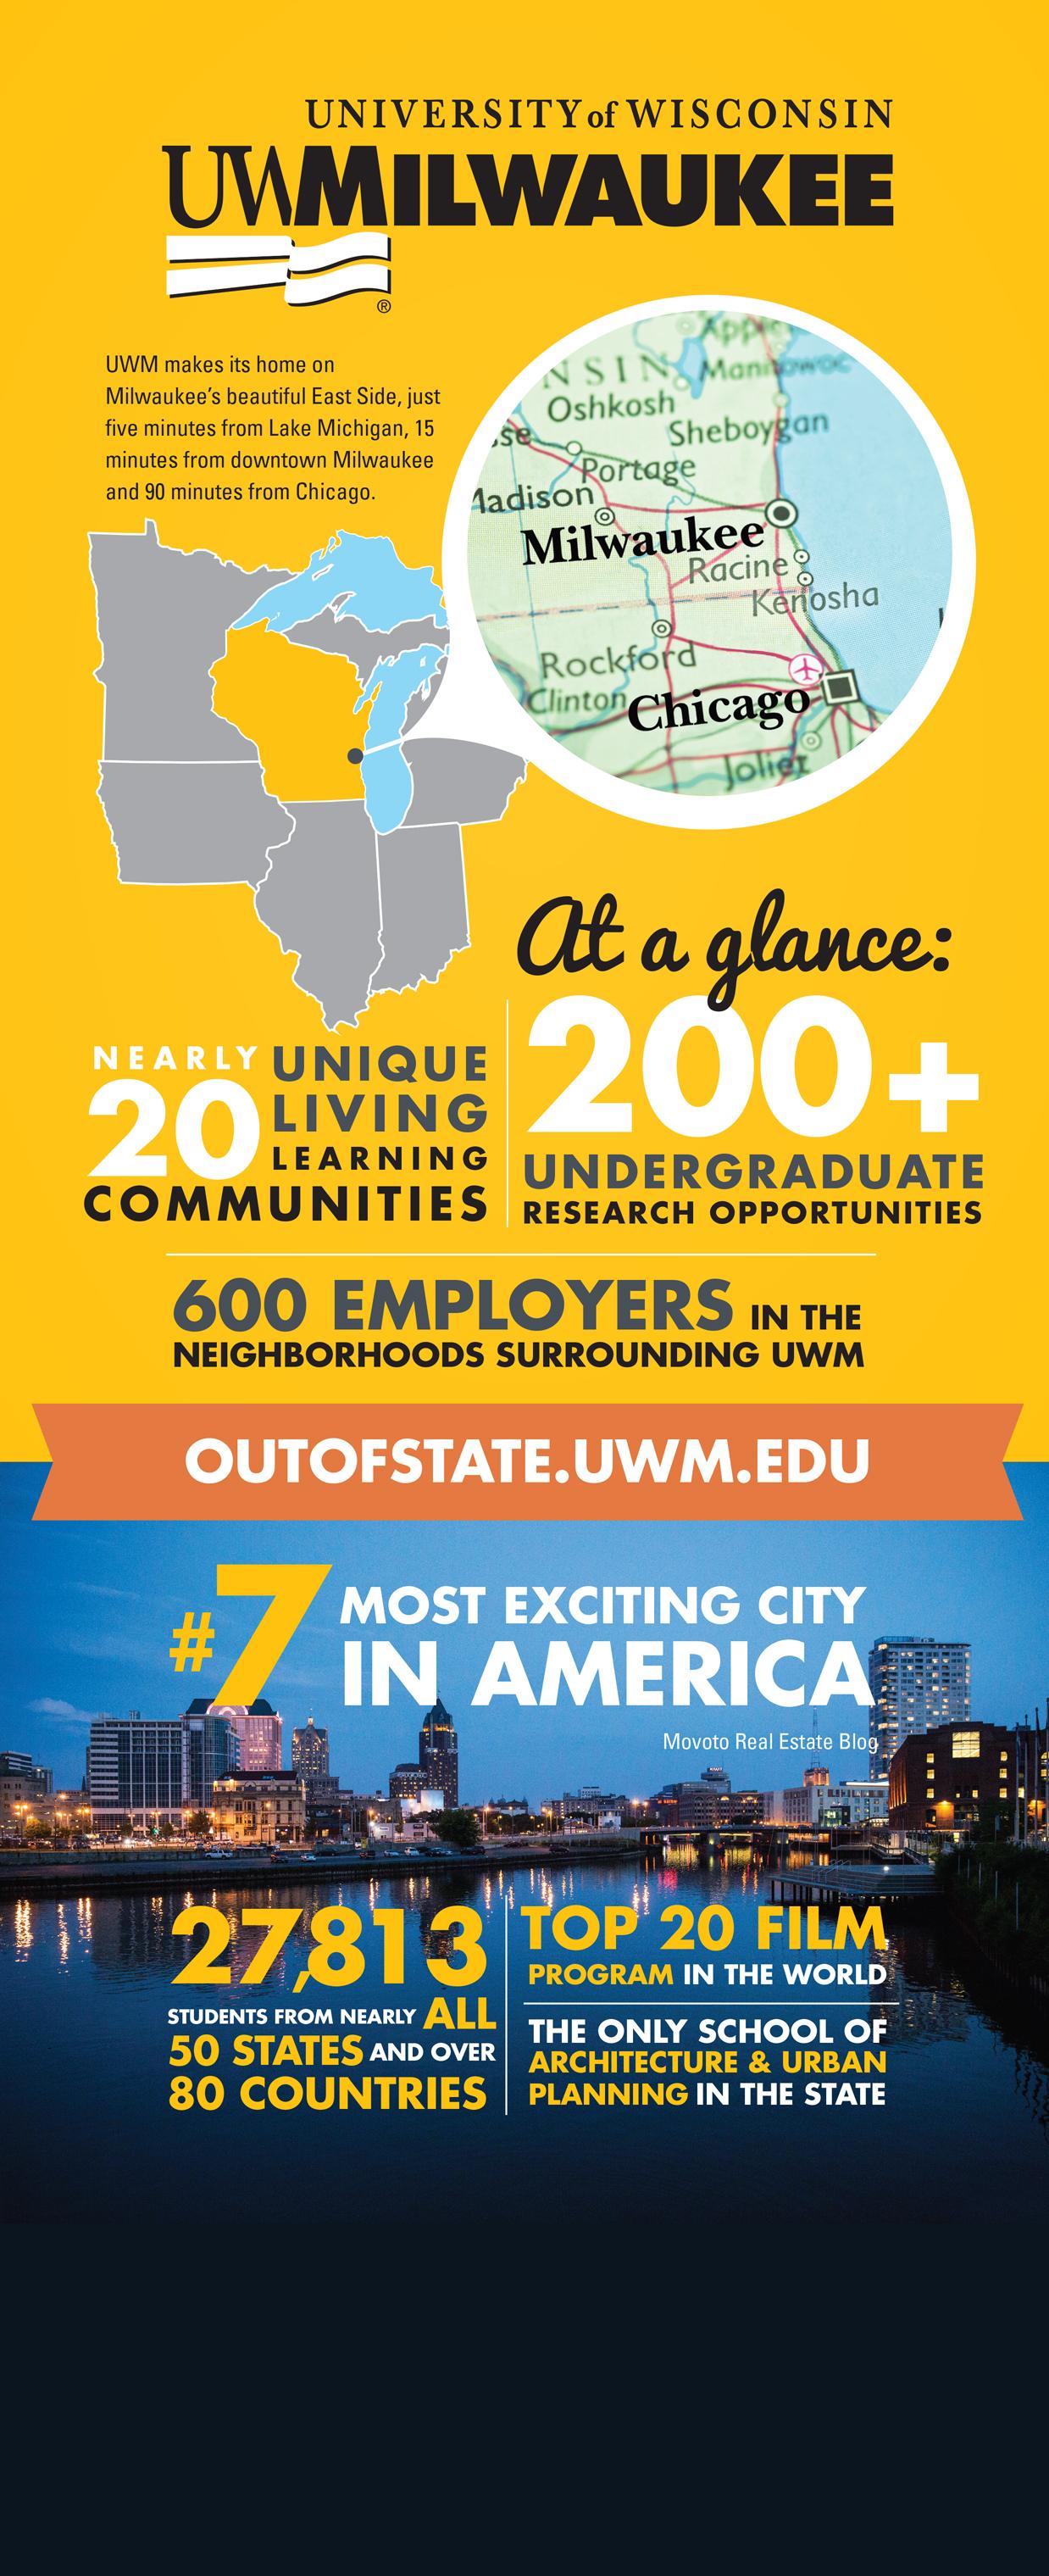 UWMRecruitmentTableBannersSept2014-Draft-4-1.jpg